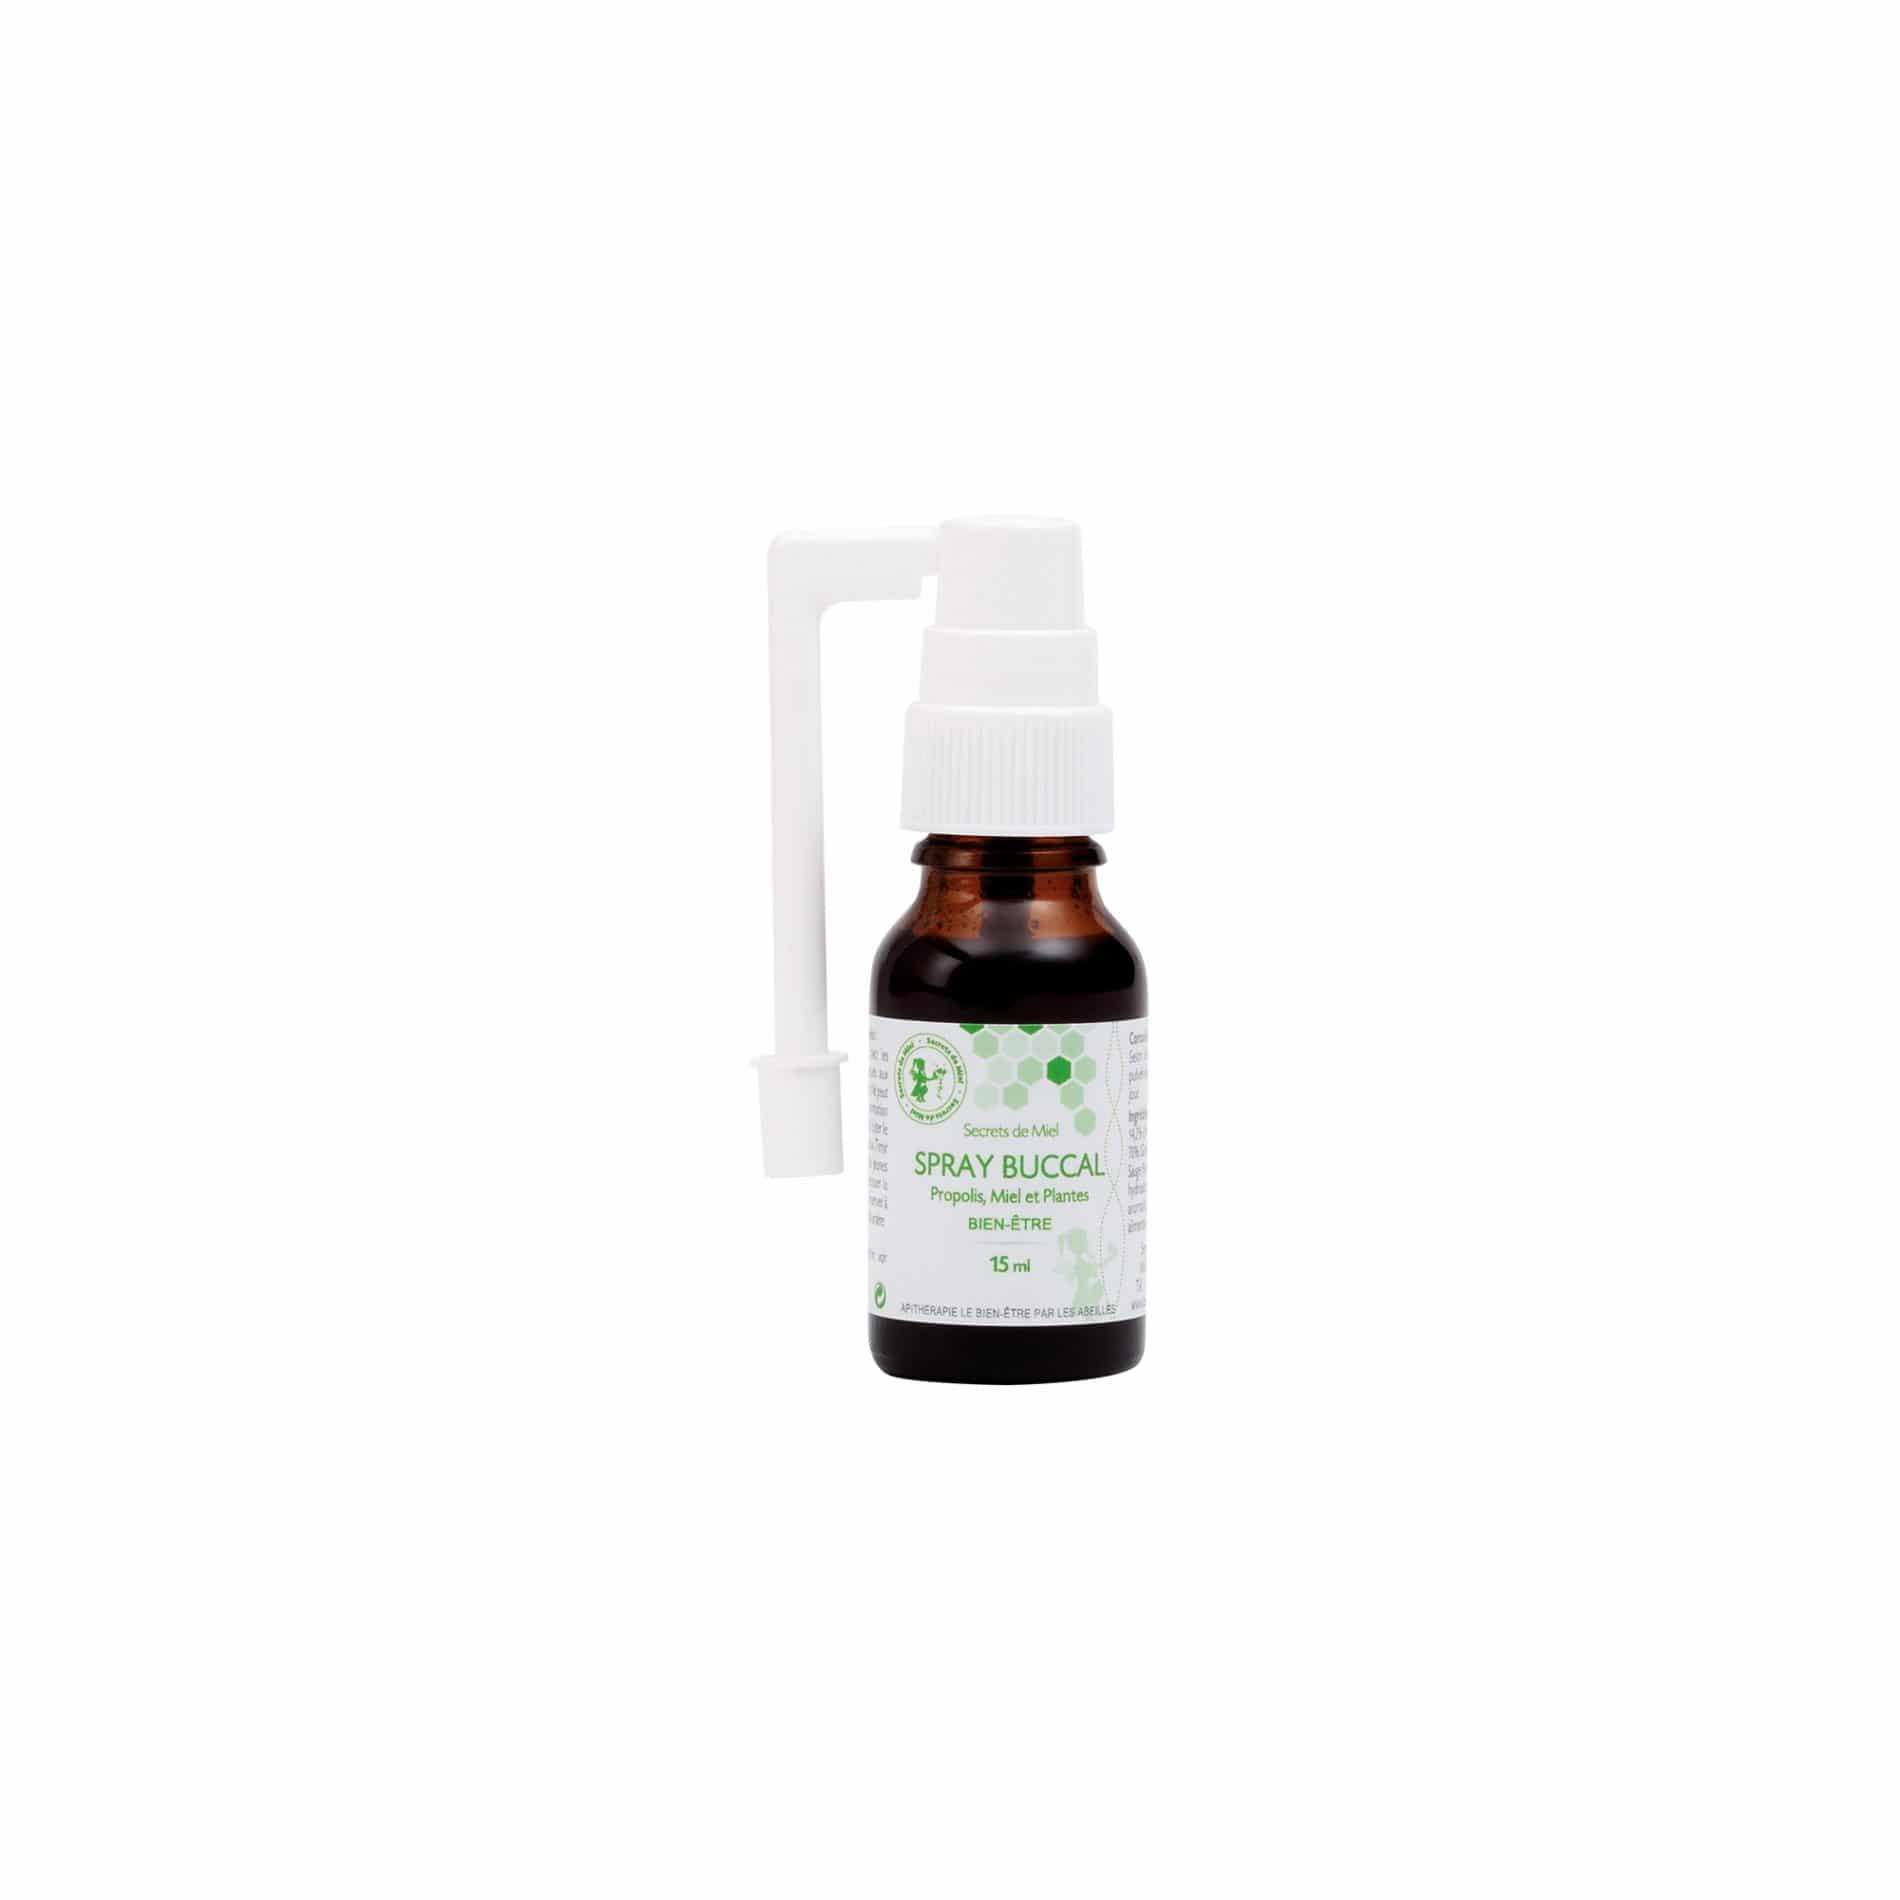 Spray bucal à la propolis - propolis - ruche - abeilles - produit naturel - bon pour le corps - meilleure voix - bon pour les voies respiratoires - Secrets de Miel